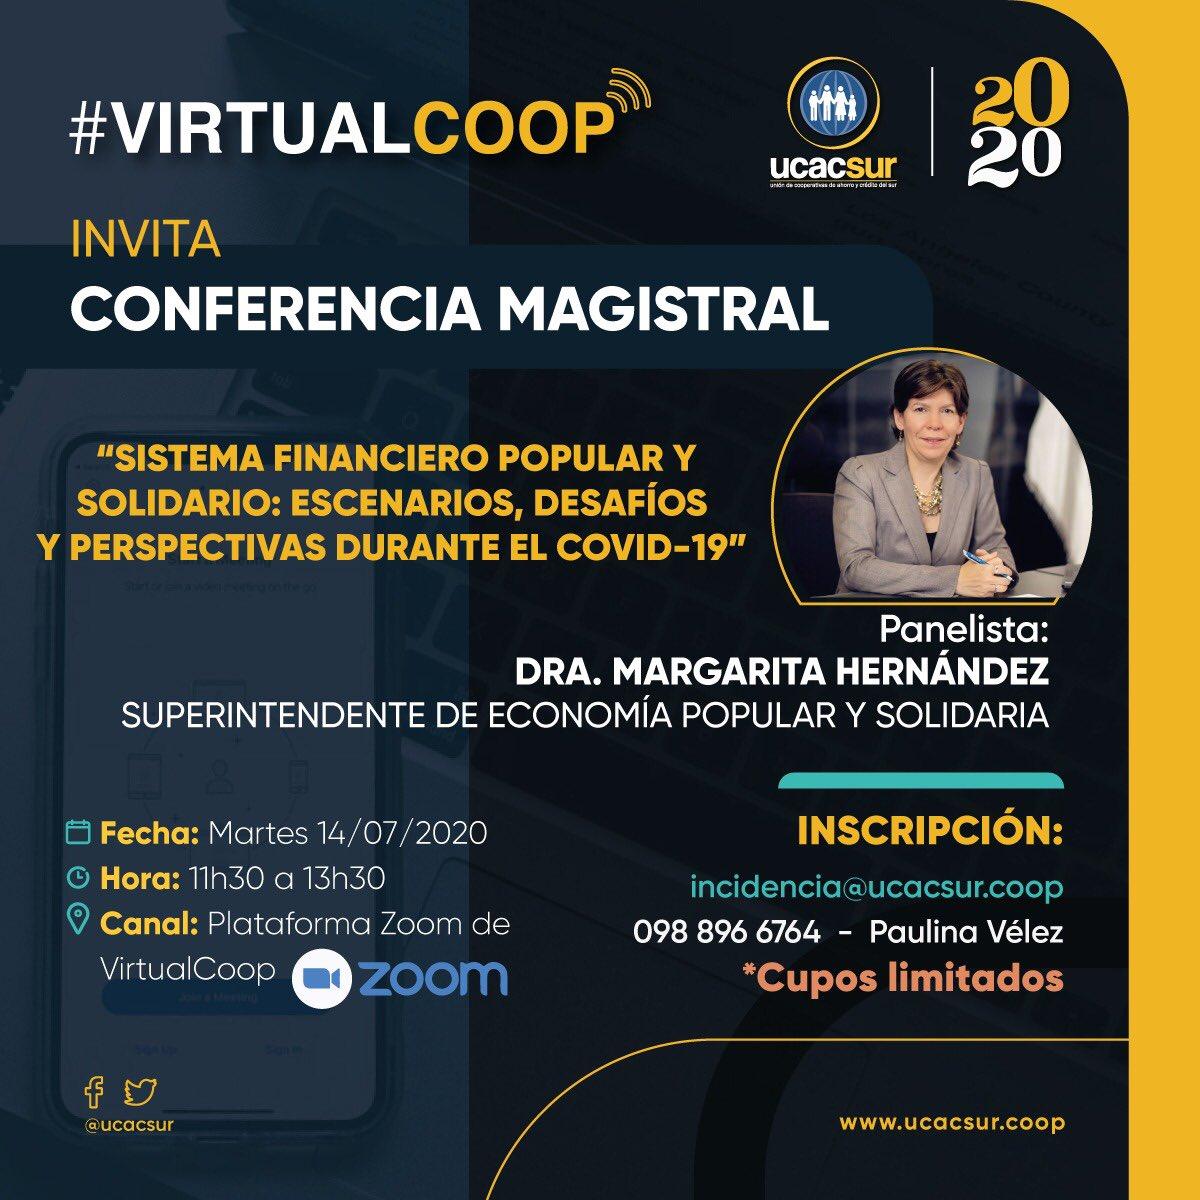 Presentamos la Conferencia Magistral de la Dra. Margarita Hernández - Superintendente de la @seps_ec, este martes 14 de julio a partir de las 11h30 mediante #VirtualCoop https://t.co/P0eKV9XR2S